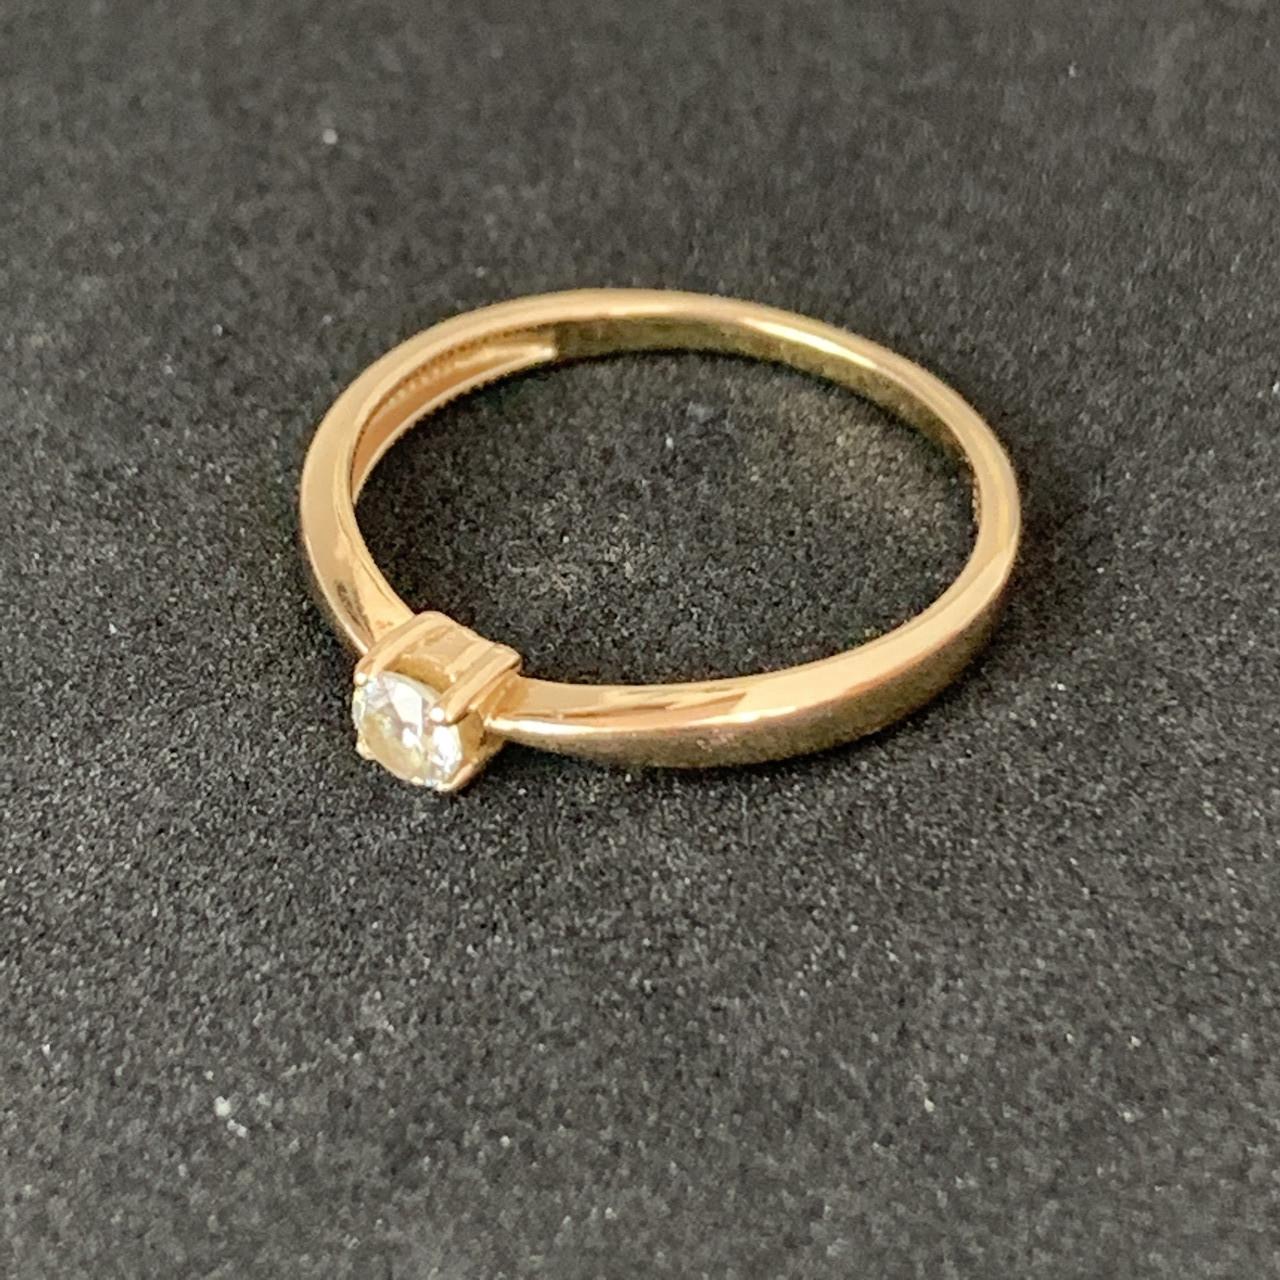 Золотое кольцо с фианитом 585 пробы, вес 1,86г. Б/у. Продажа по Украине